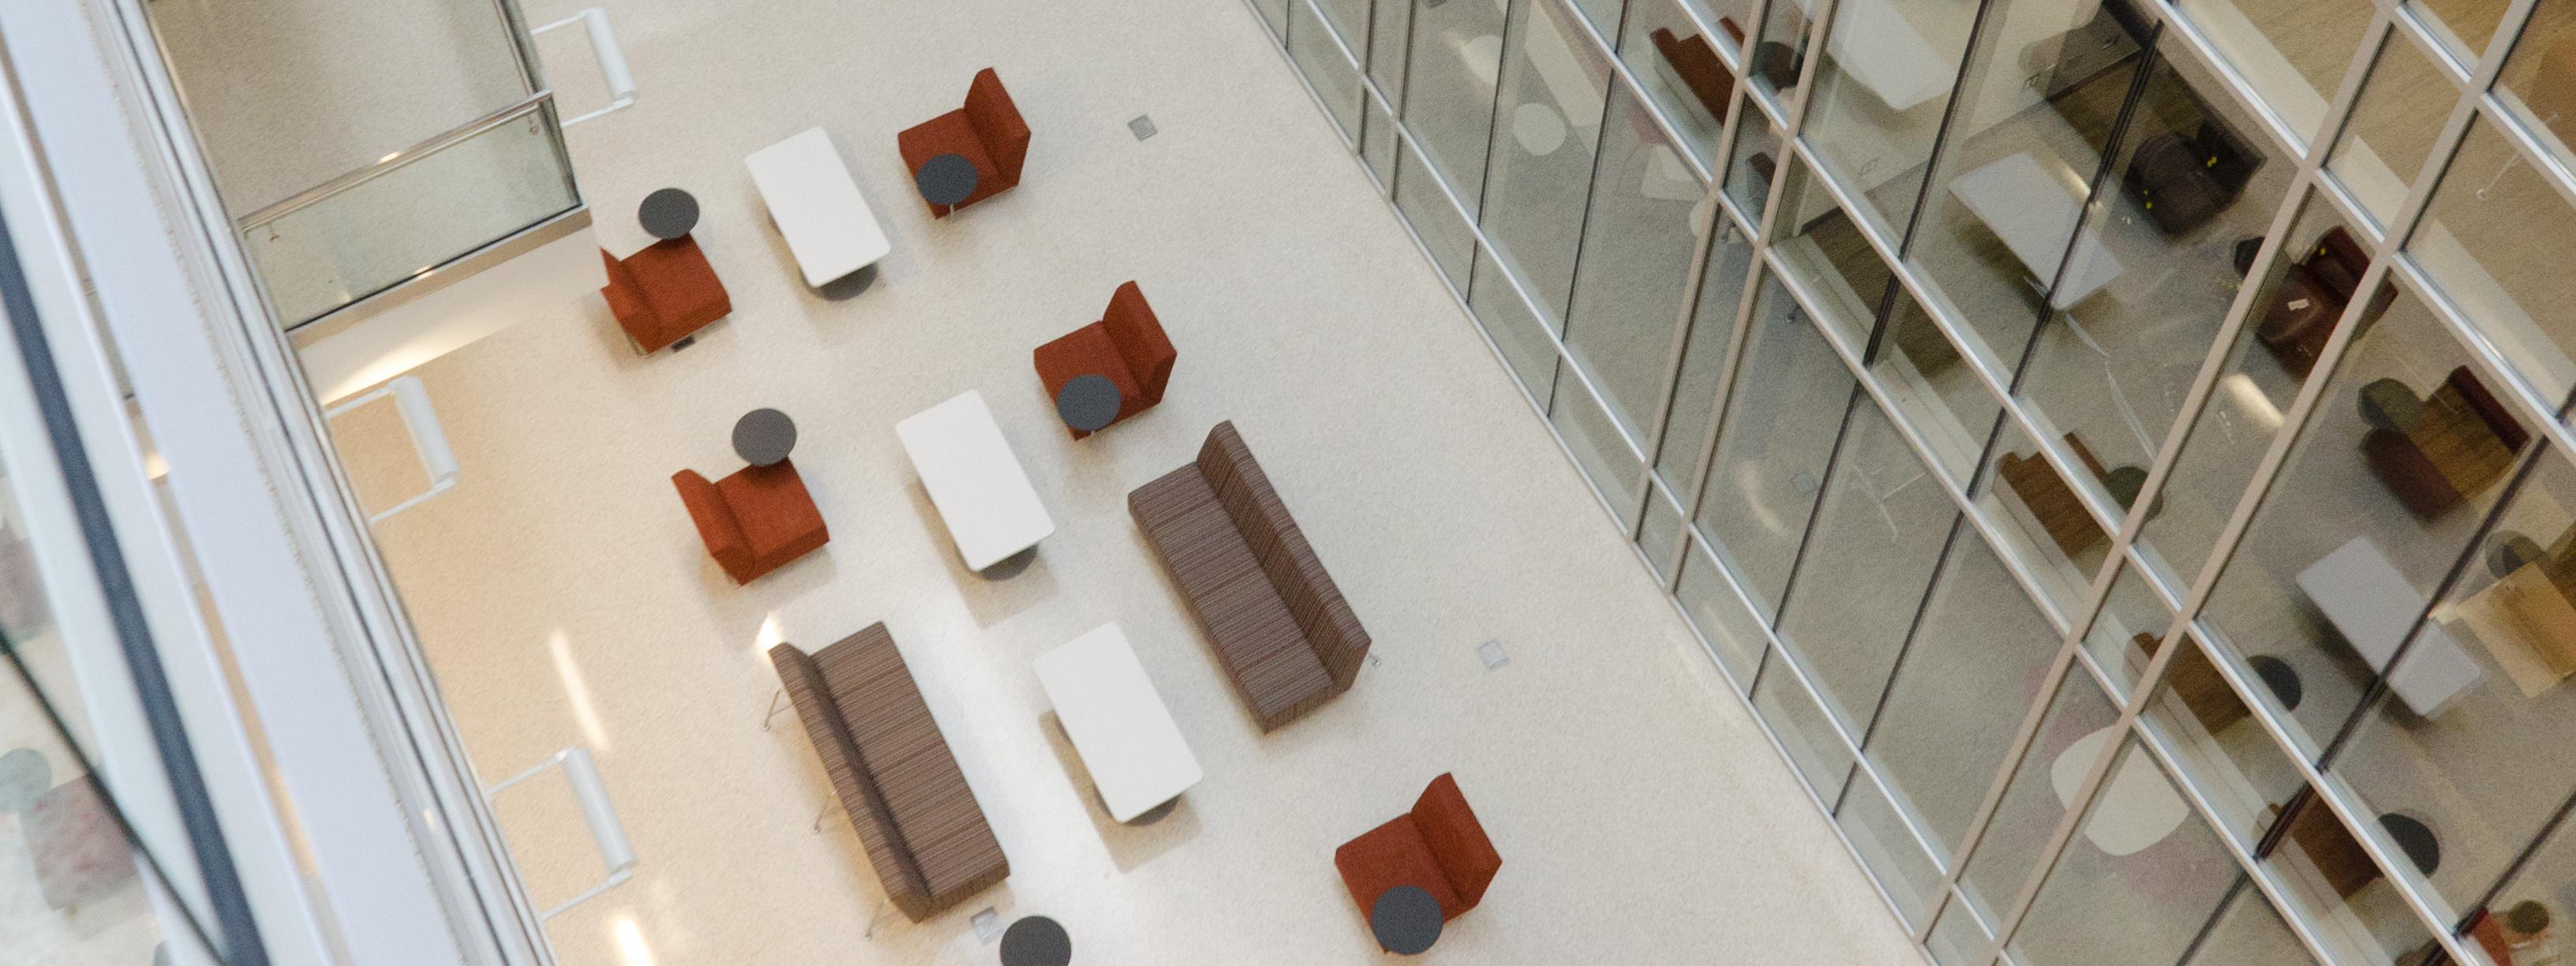 FSU College of Fine Arts FSU Interior Design Programs Ranked 1